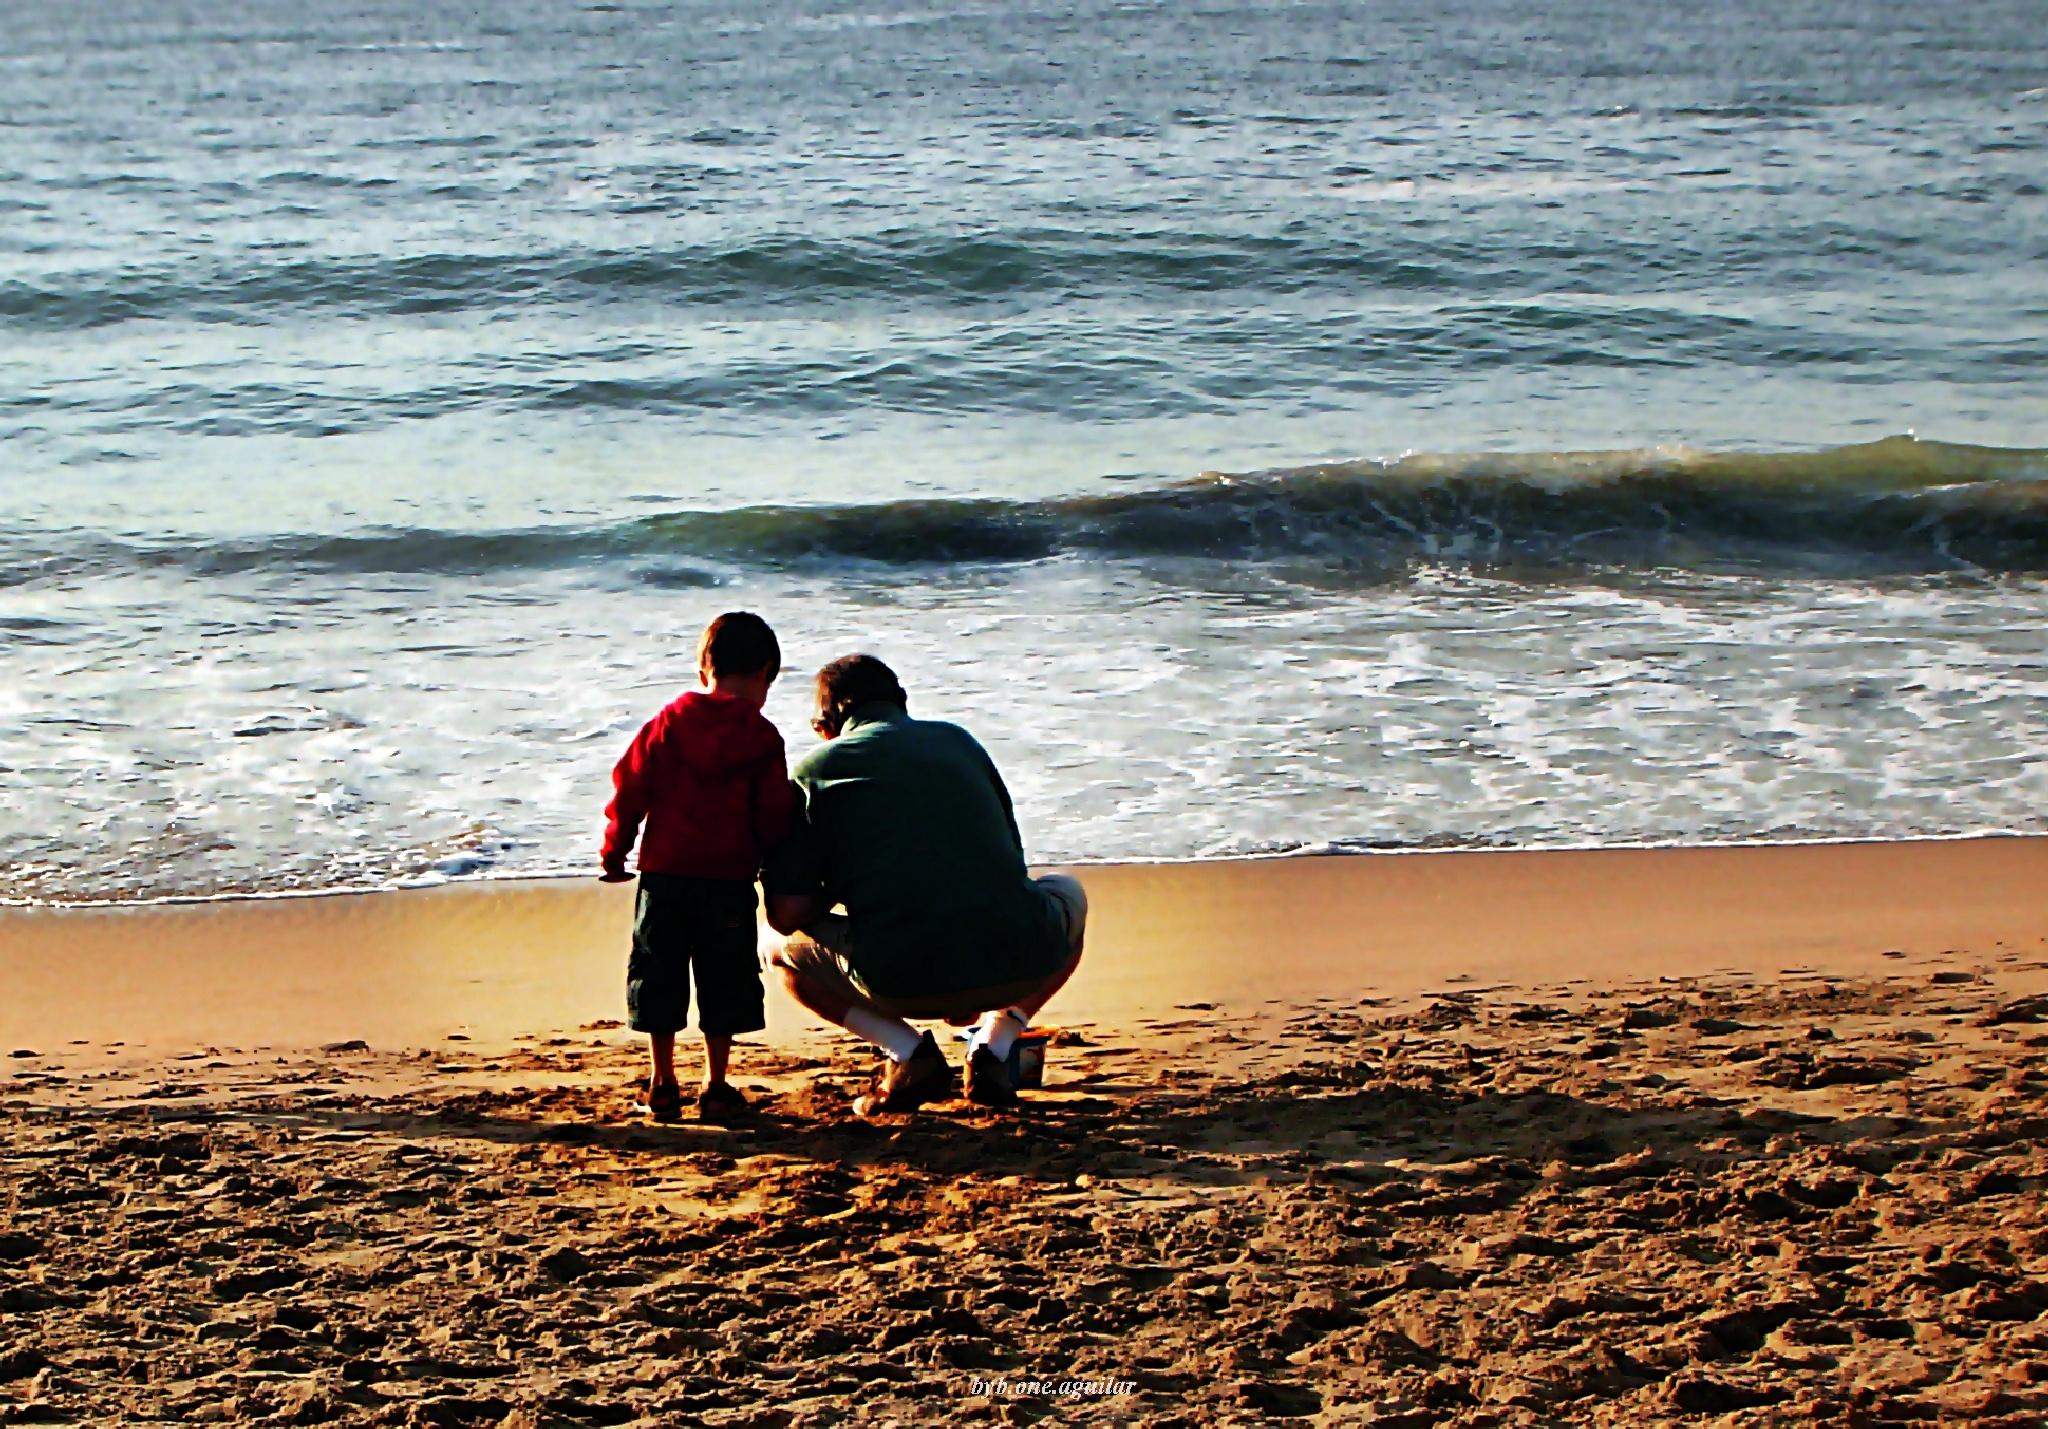 Playa by Byb.One_Aguilar